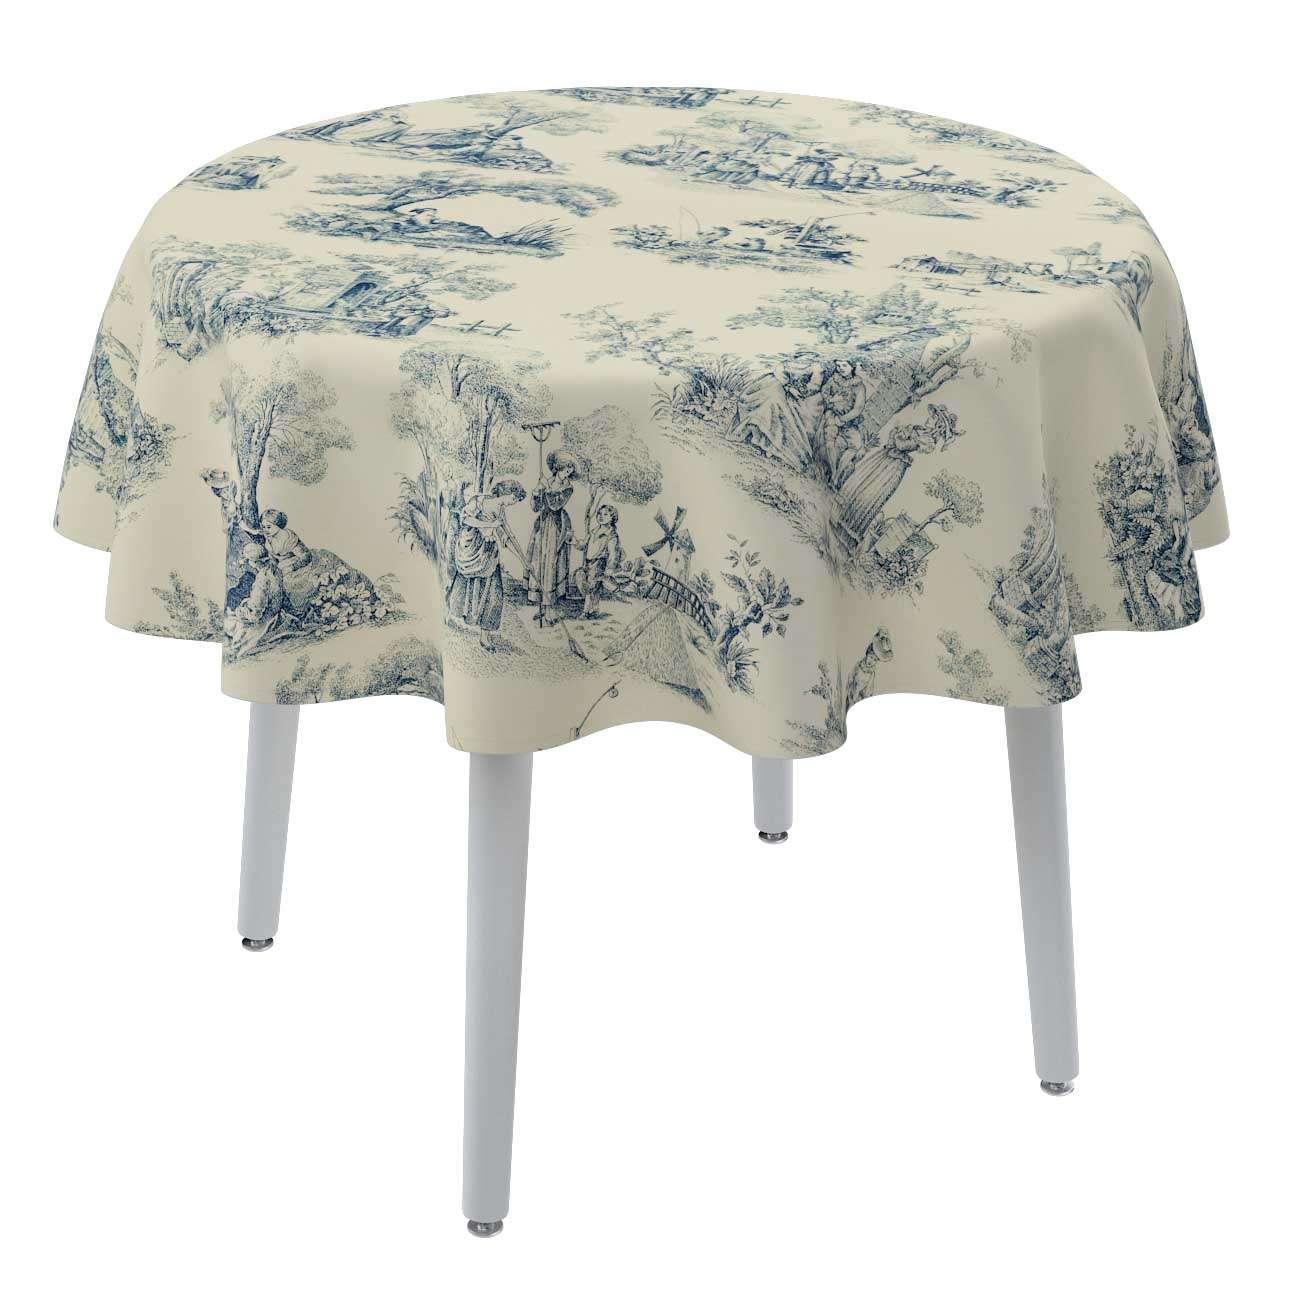 Staltiesės (apvaliam stalui) Ø 135 cm kolekcijoje Avinon, audinys: 132-66